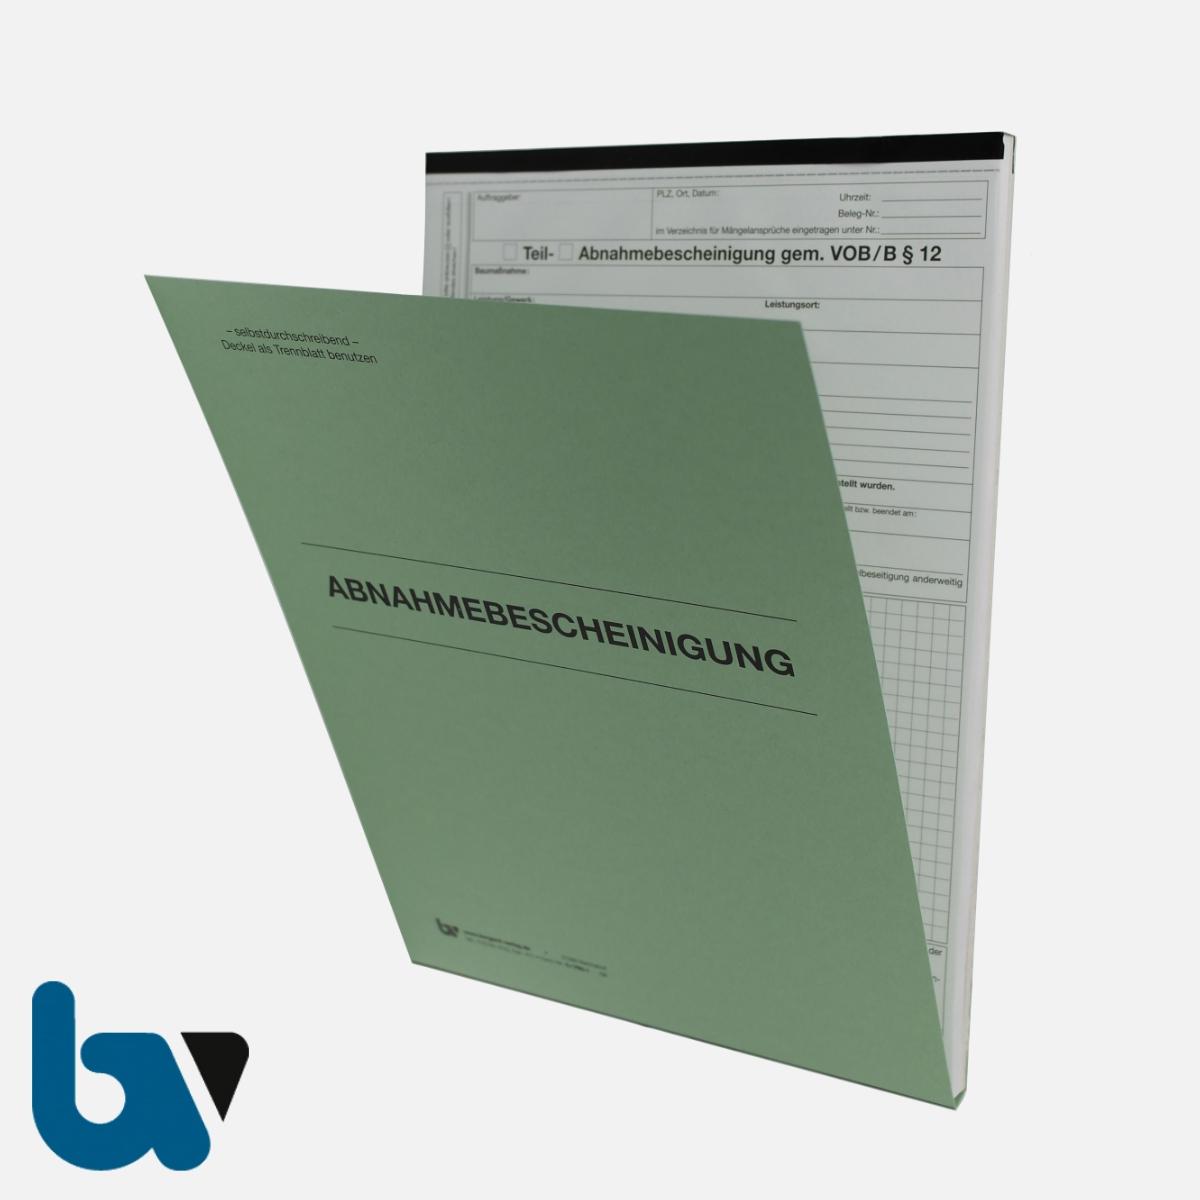 0/796-1 Abnahmebescheinigung VOB Vergabe Vertragsordnung Bauleistung selbstdurchschreibend Einschlagdeckel Durchschreibeschutz Durchschreibeverfahren DIN A4 Vorderseite   Borgard Verlag GmbH